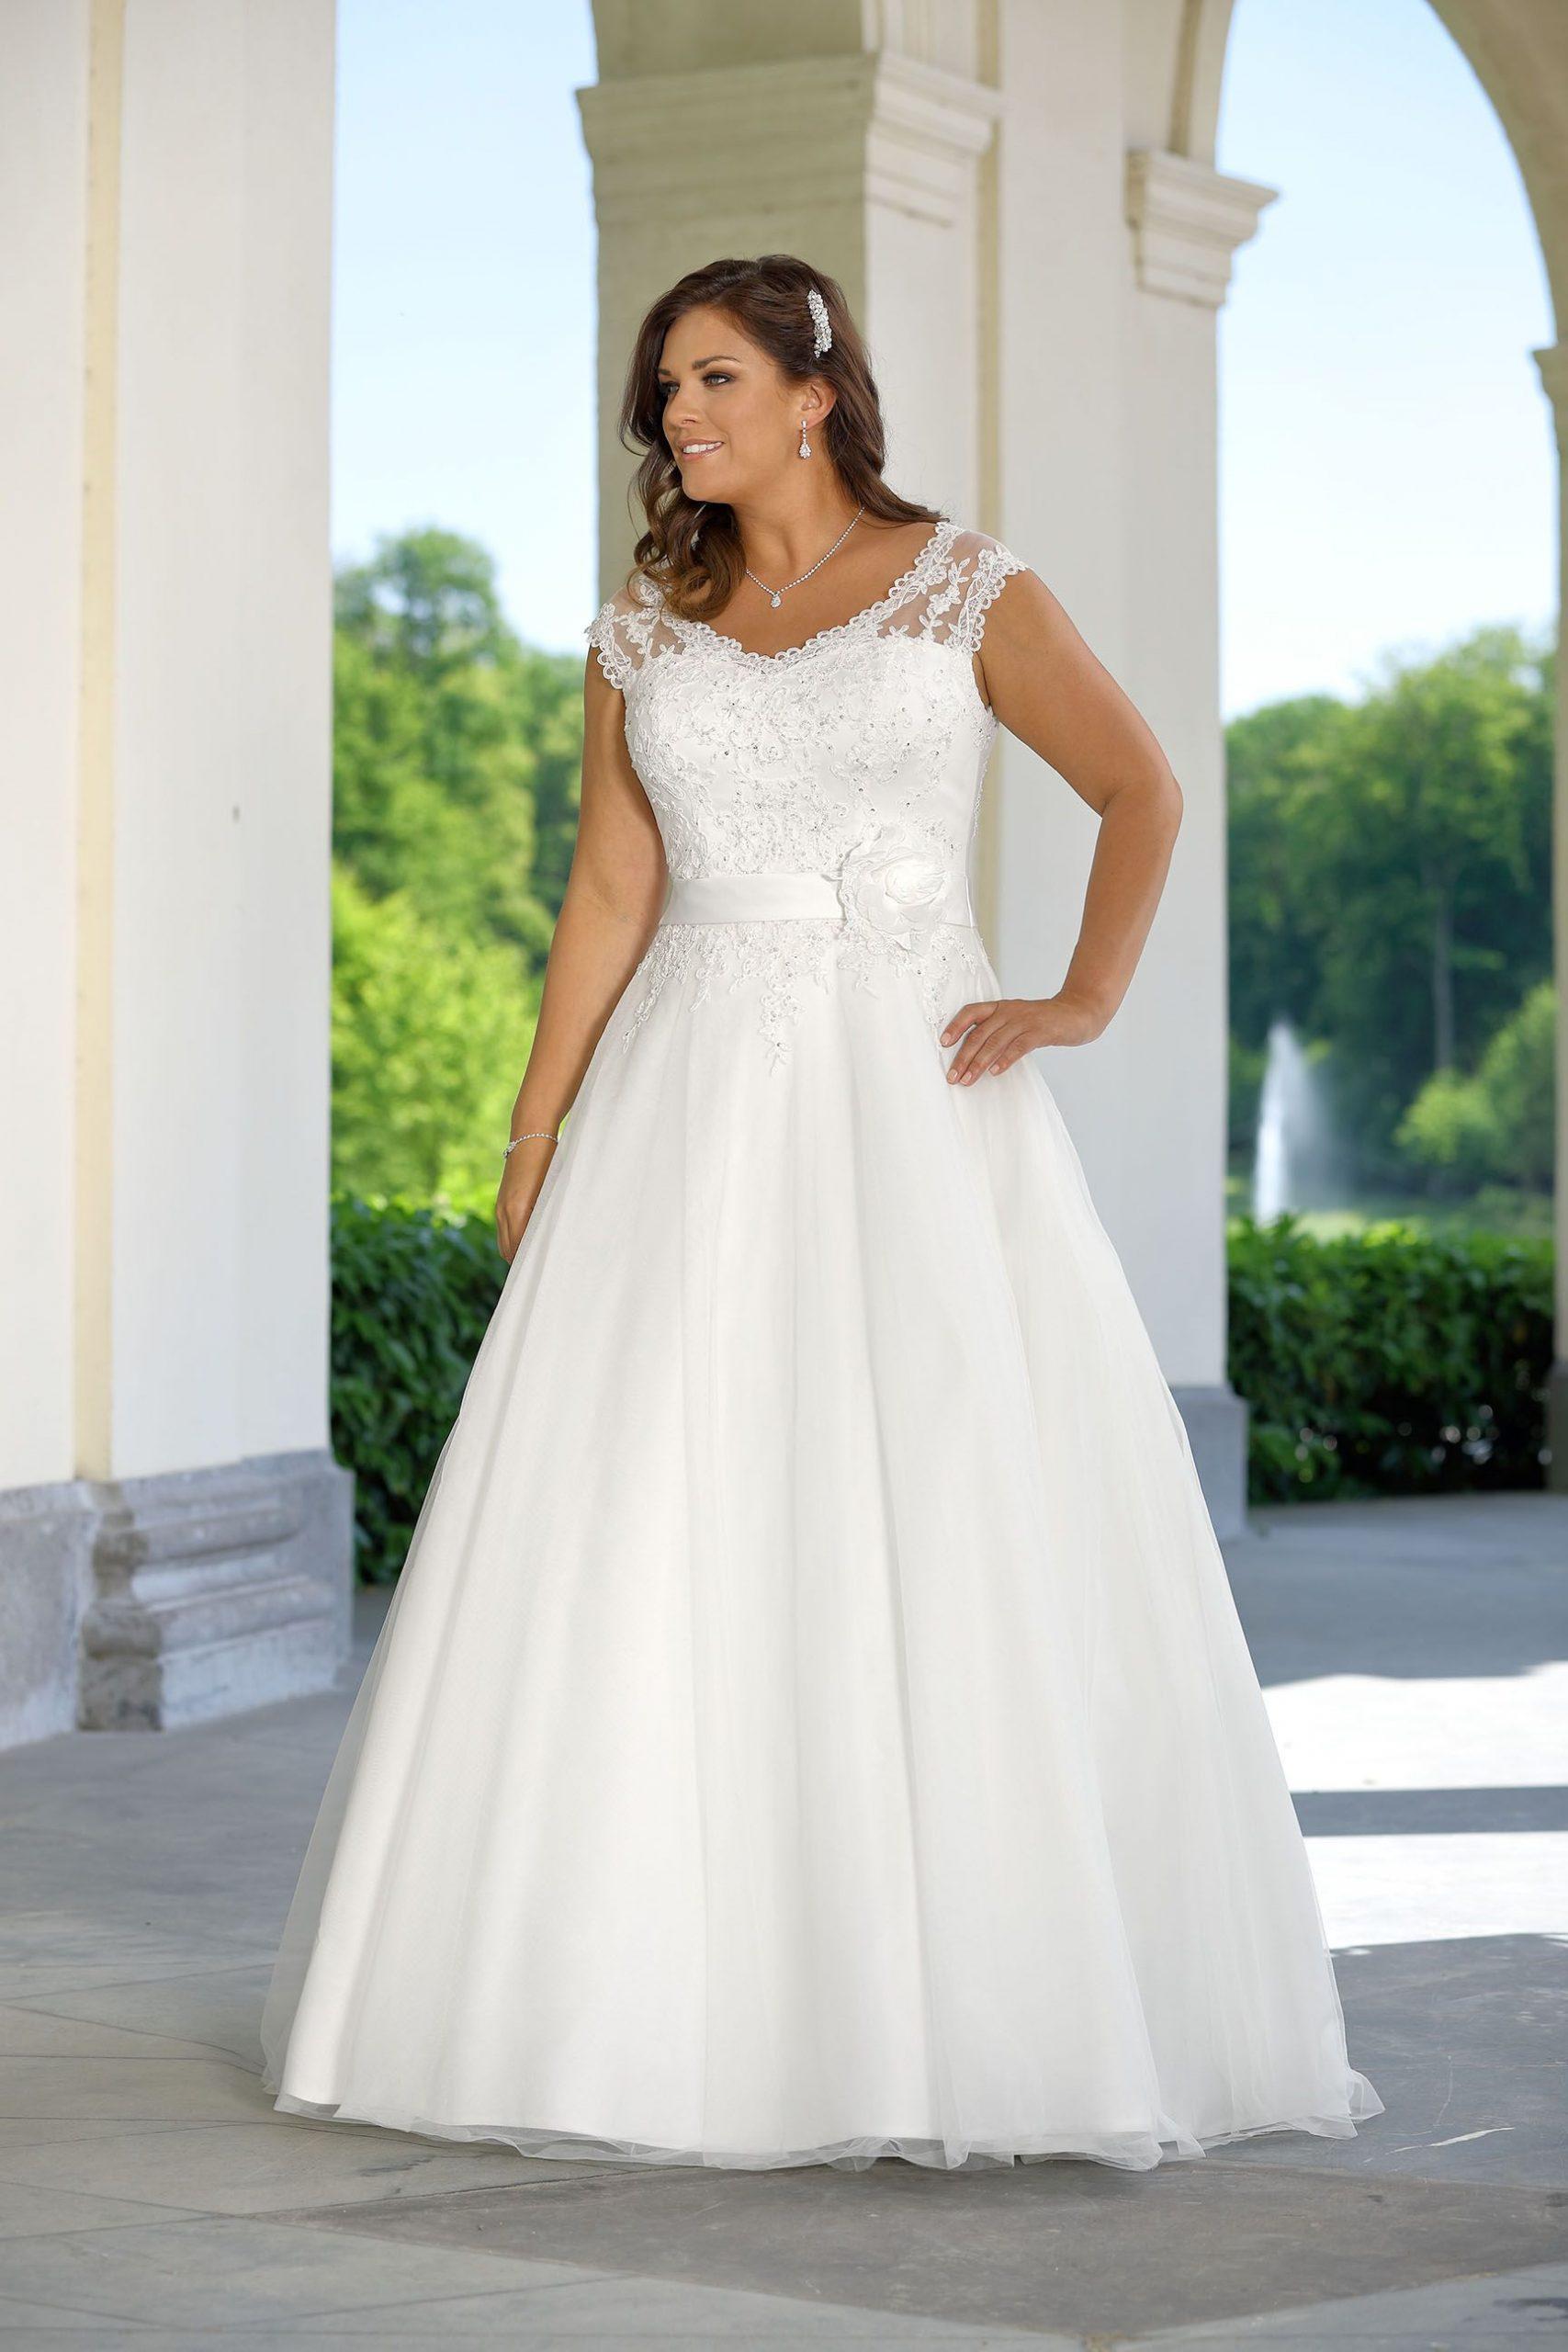 Brautkleider Xxl - Hochzeitskleider Xxlladybird